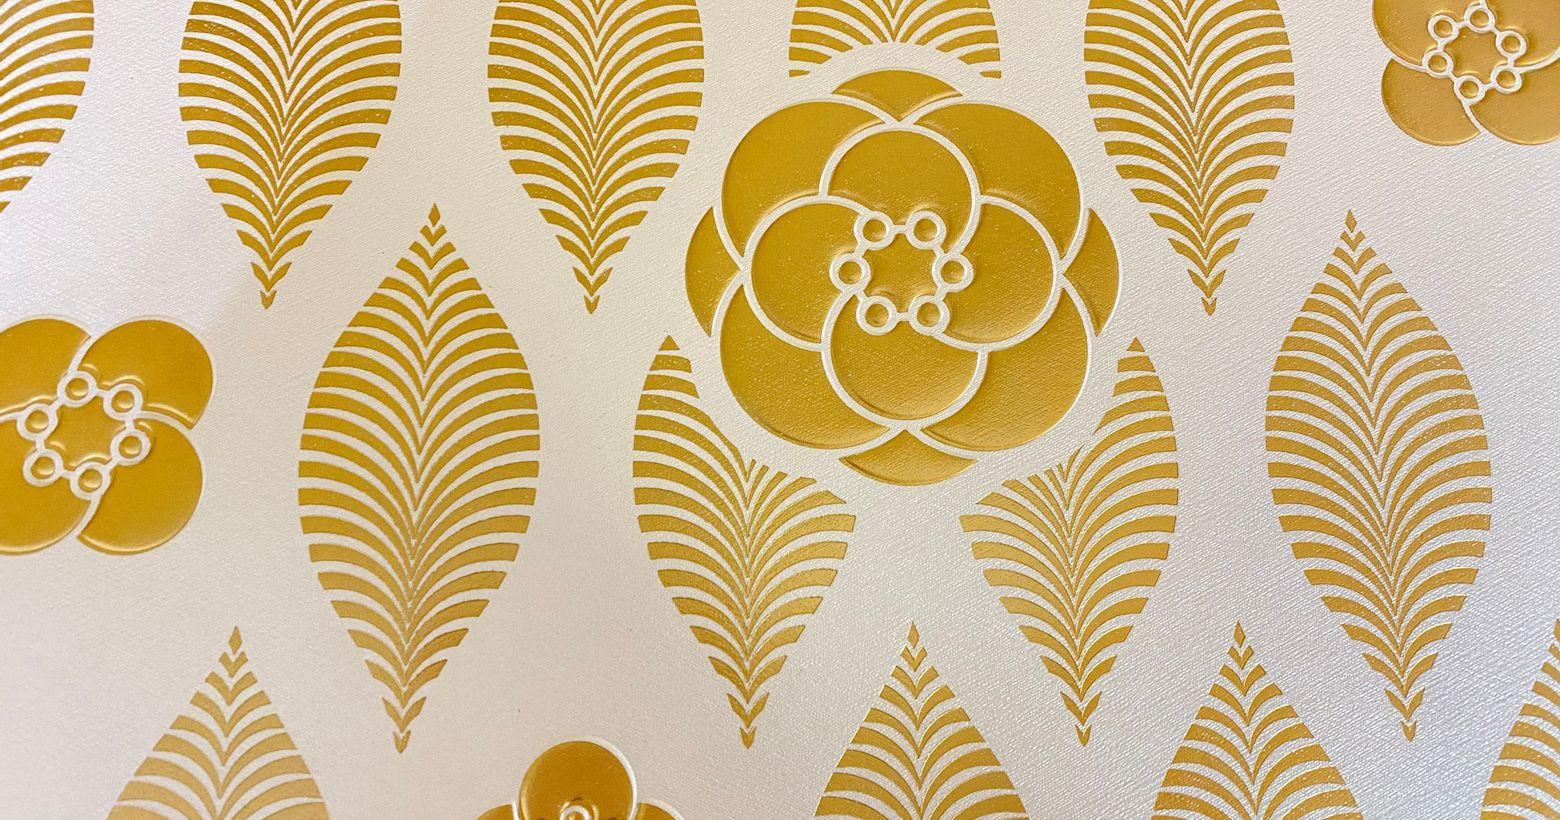 小茶栽堂2021新春限定金采禮盒逢年過節就用禮盒聊表心意,看慣便利商店每年固定推出的禮盒,小茶栽堂-